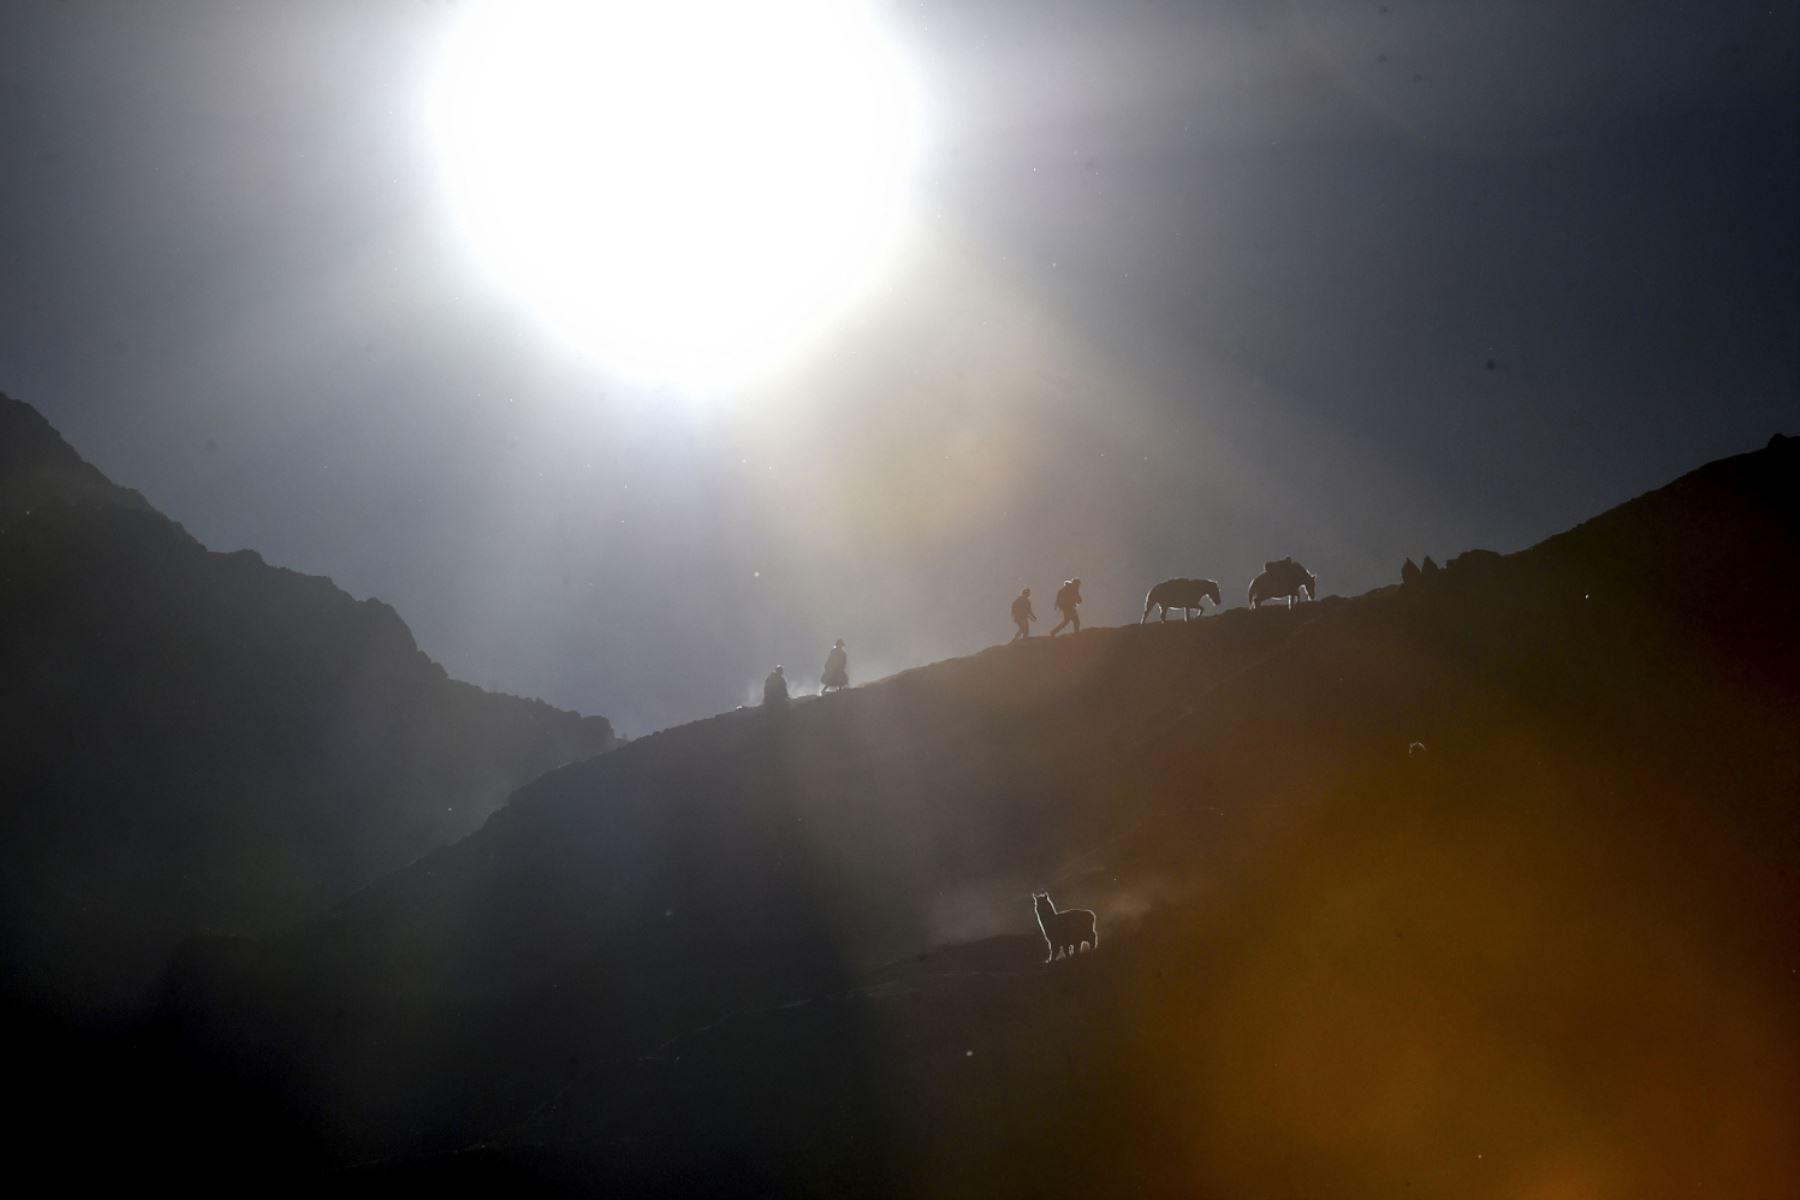 Comerciantes y turistas caminan 8 kilómetros antes de llegar al santuario del Señor de Qoylluriti.  Foto: Cortesía/ José Sotomayor